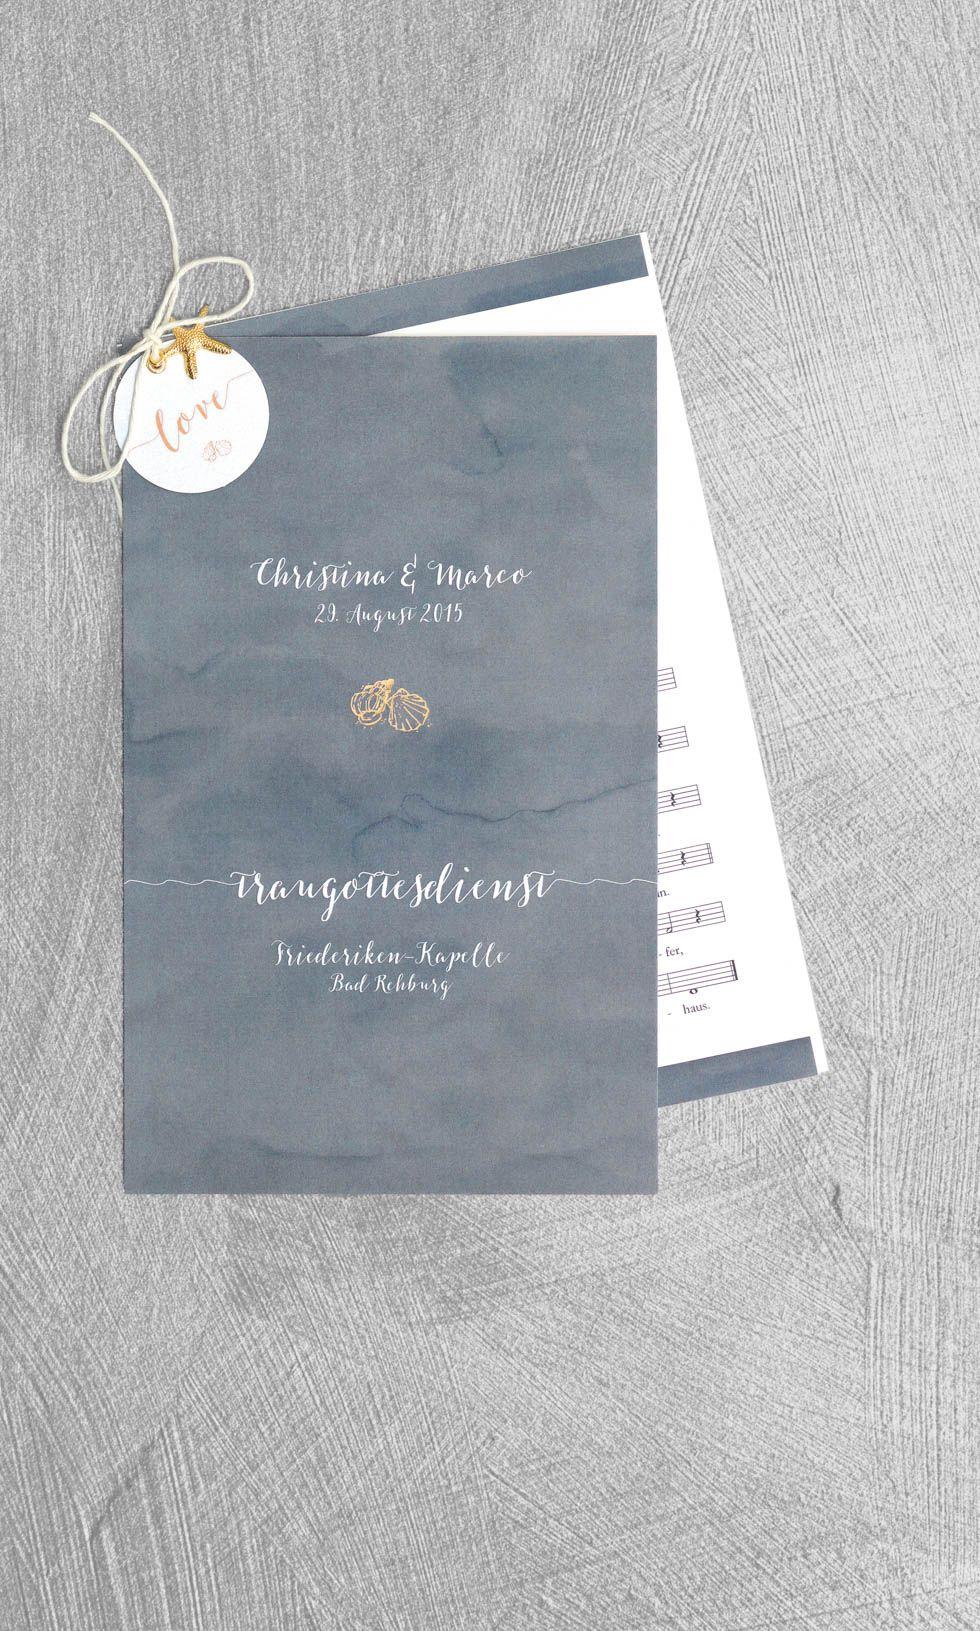 Kirchenheft Hochzeit Einfach Selbst Gestalten Mit Tollen Vorlagen Tipps Kirchenheft Hochzeit Kirchenheft Hochzeit Vorlage Karte Hochzeit